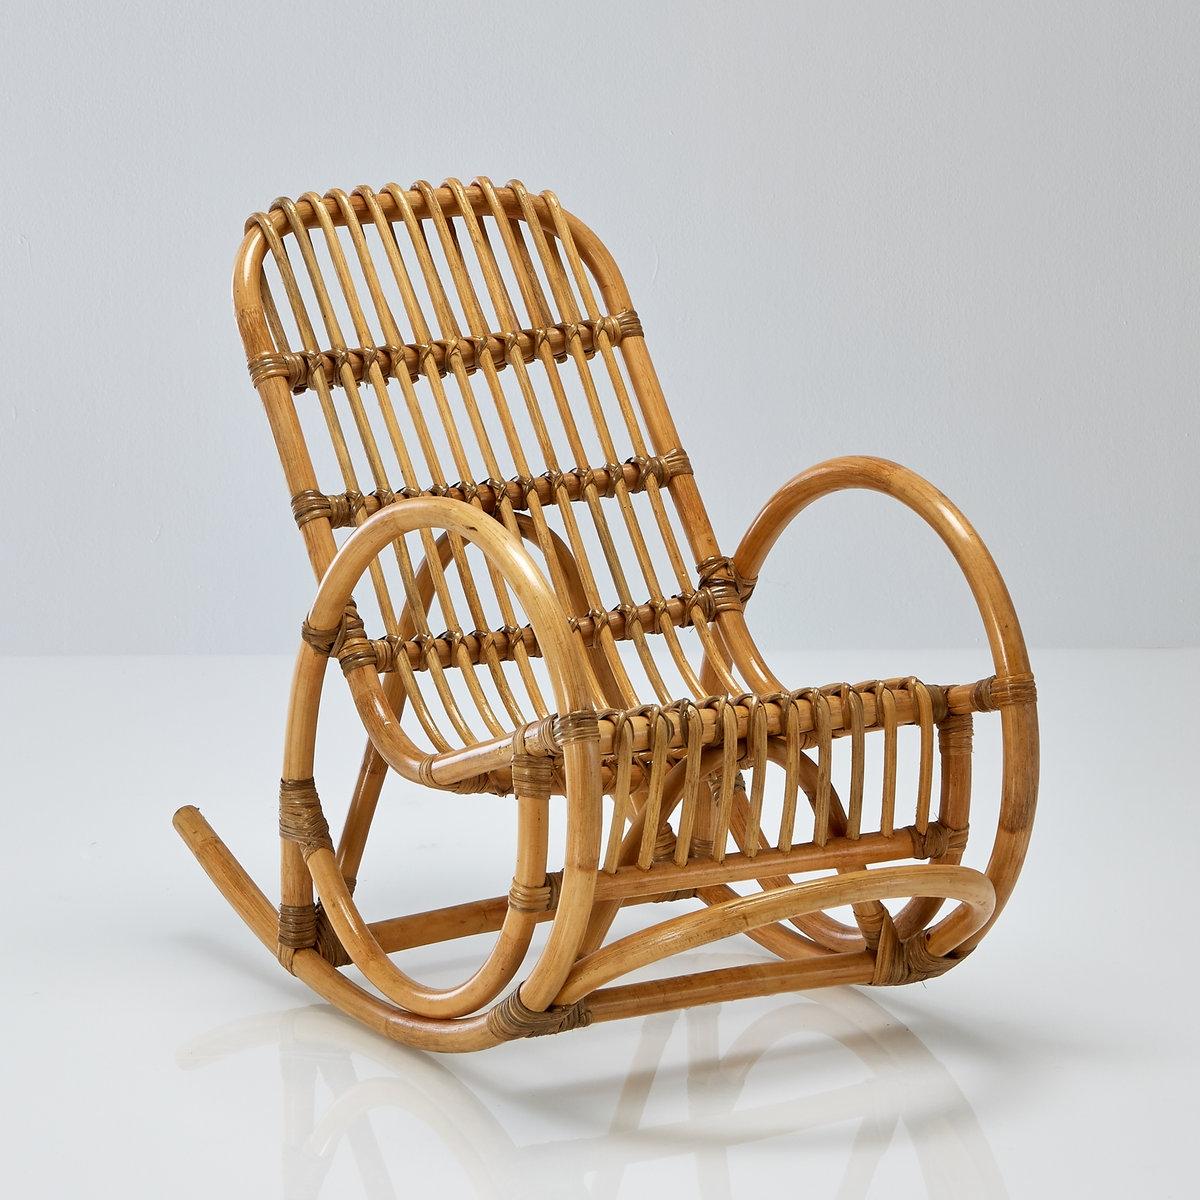 Кресло-качалка детское из ротанга, MaluХарактеристики кресла-качалки Malu:Натуральный ротанг.Естественный цвет, покрытие бесцветным лаком.Найдите стул, изголовье и банкетку, а также другую мебель из коллекции  Malu на сайте laredoute.ru.Размеры кресла-качалки Malu:Общие размерыДлина : 38 смВысота : 57 смГлубина : 68 см.СиденьеВысота : 27 смГлубина : 26 смРазмер и вес с упаковкой:1 упаковка70 x 59 x 40 см 2 кгДоставка на домКресло-качалка Malu продается в собранном видеВаш товар будет доставлен по назначению, прямо на этажВнимание! Пожалуйста, убедитесь, что упаковка пройдет через проемы (двери, лестницы, лифты)<br><br>Цвет: ротанг серо-бежевый